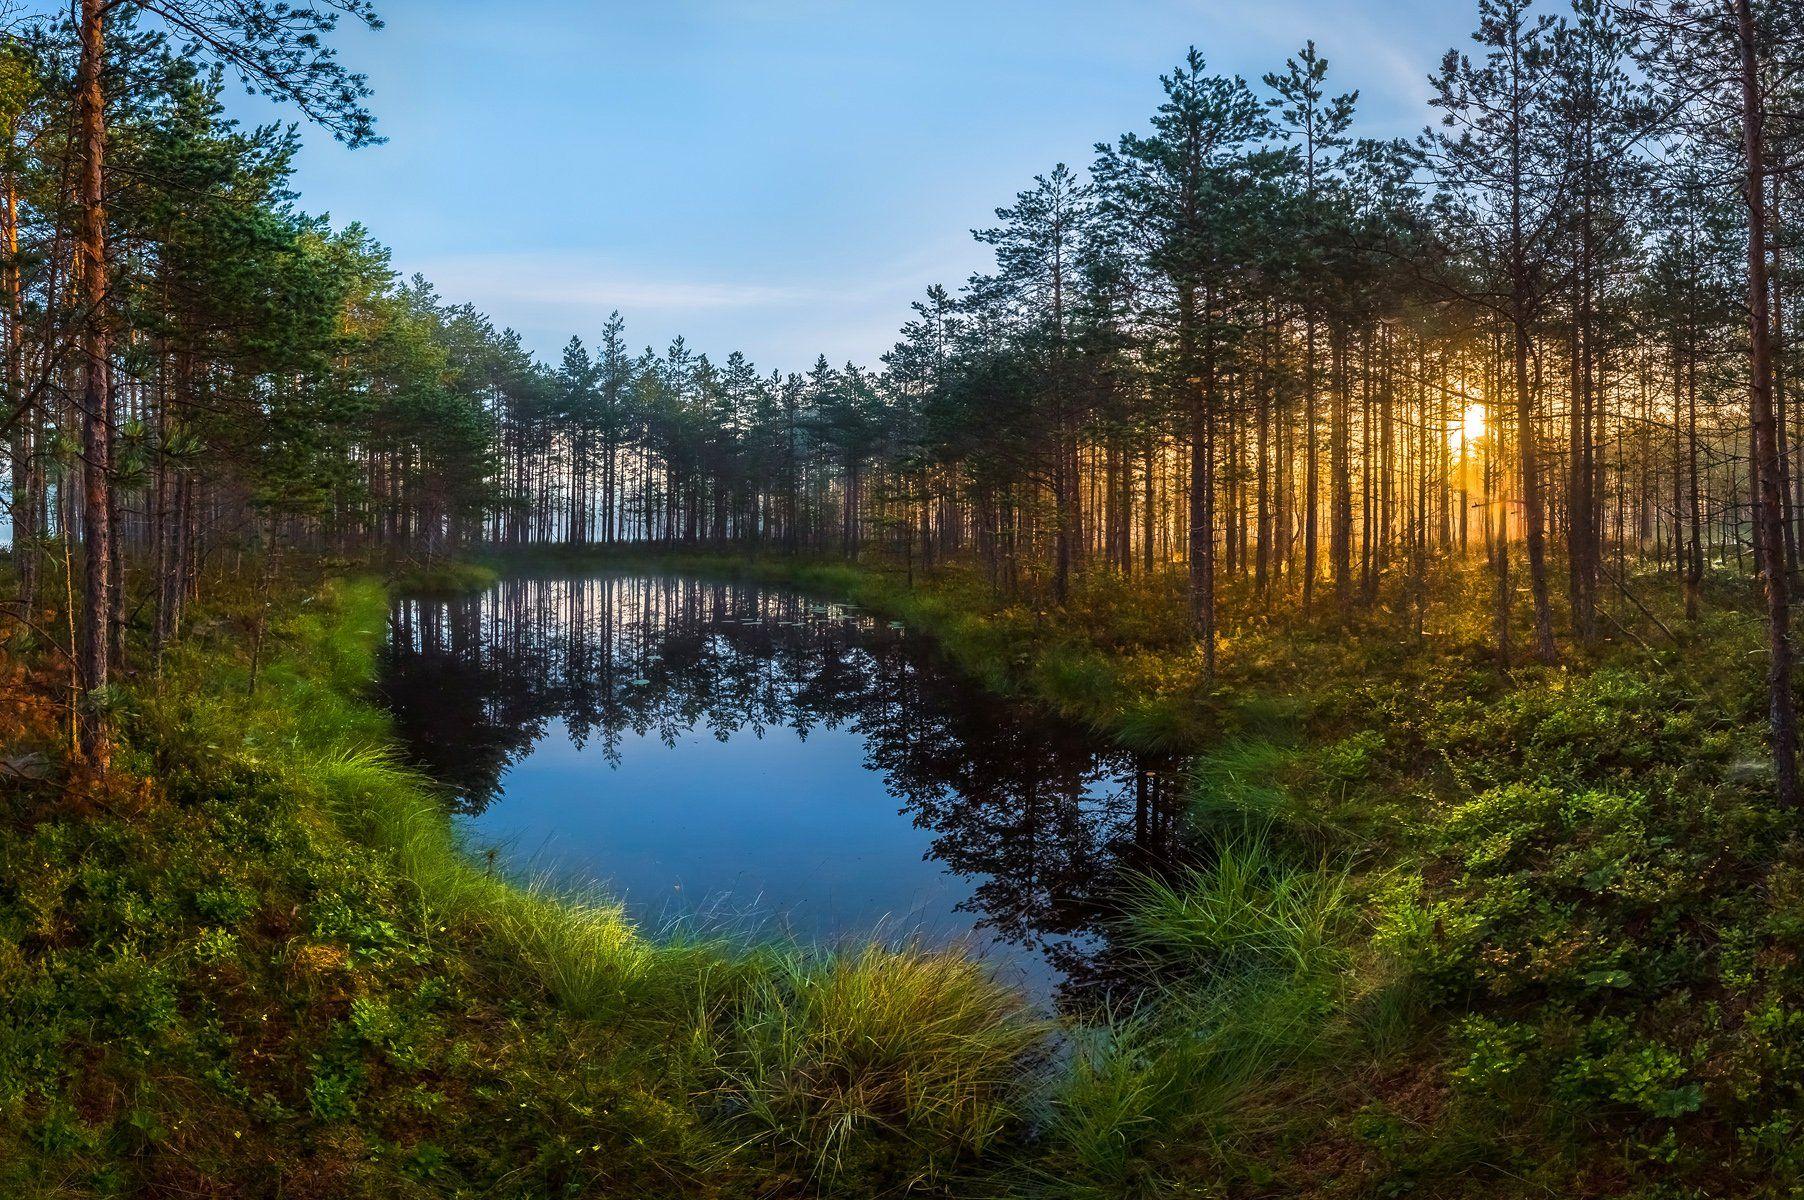 ленинградская область, фототур, рассвет, сосны, озеро, болото, лето, мох, лес, отражение., Лашков Фёдор